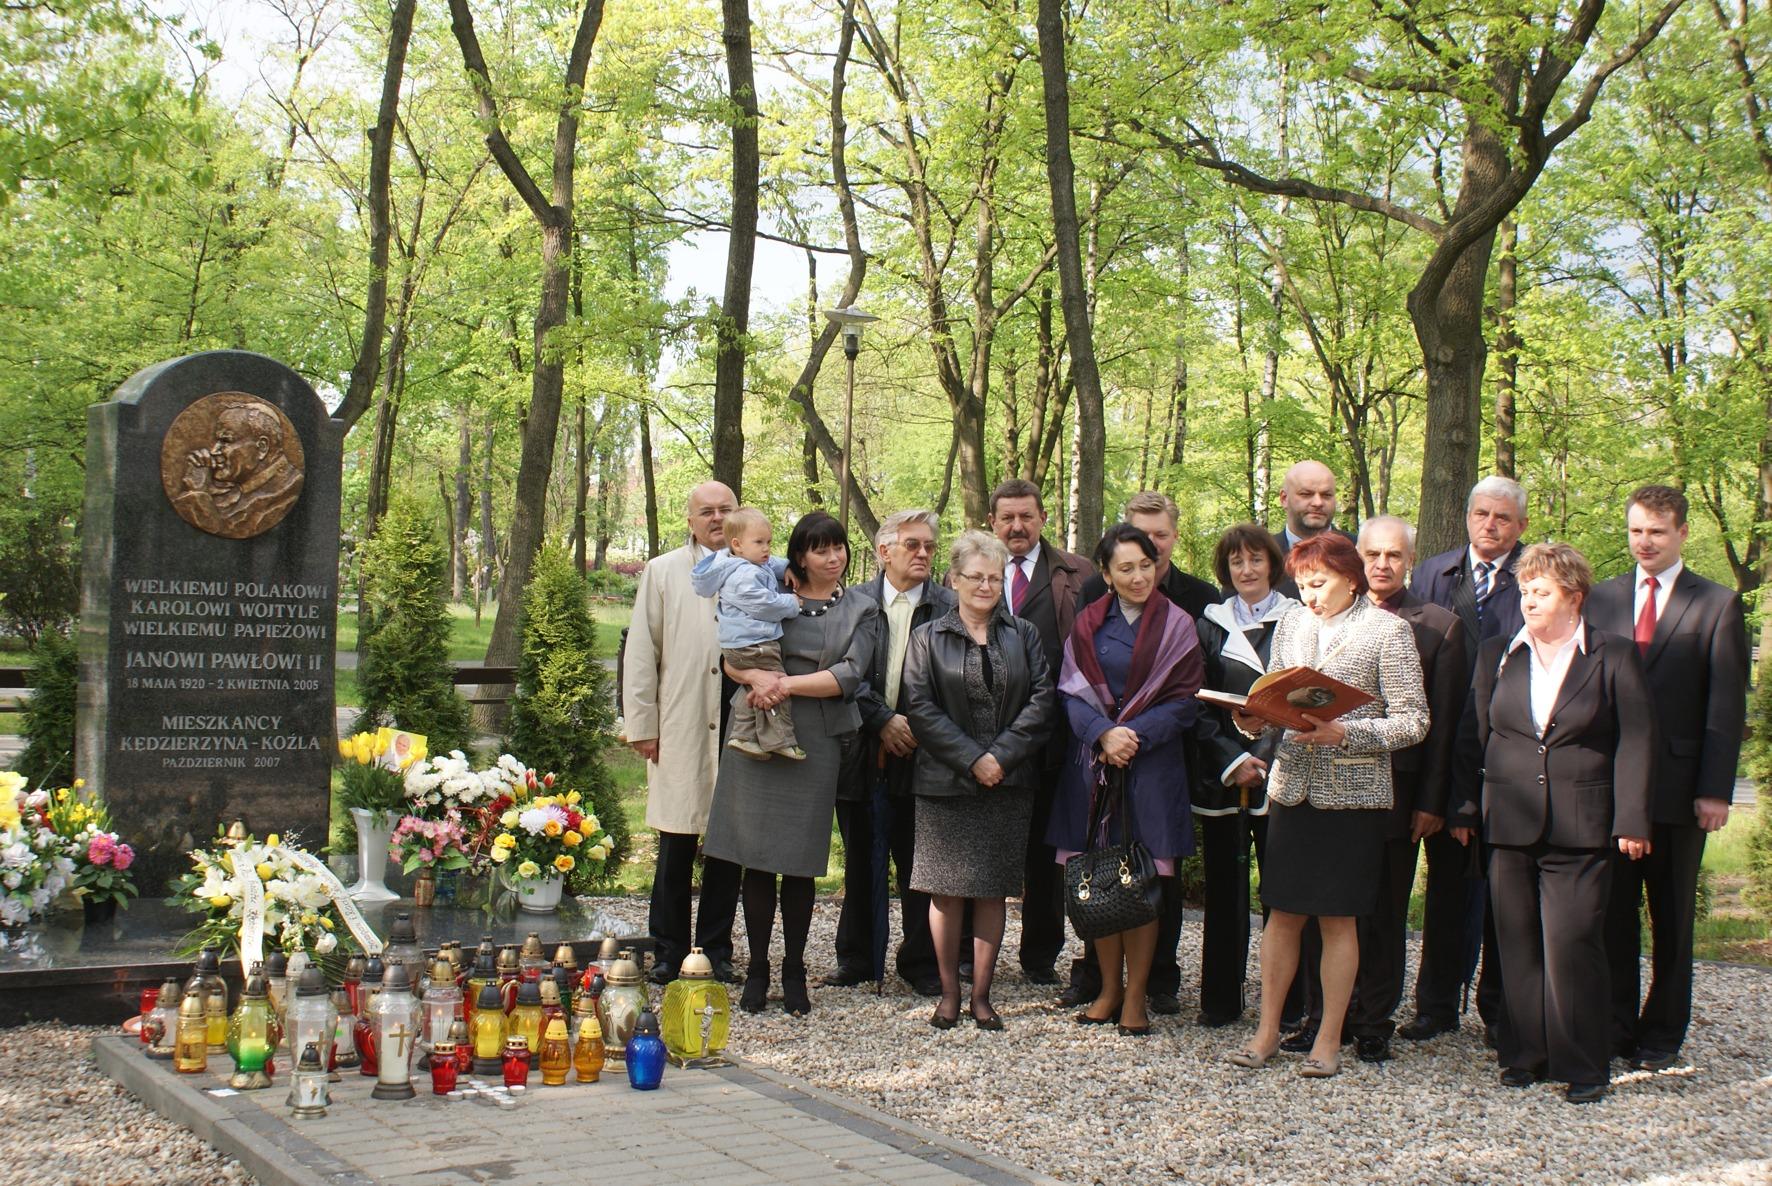 Radni Powiatu Kędzierzyńsko - Kozielskiego przed pomnikiem Jana Pawła II